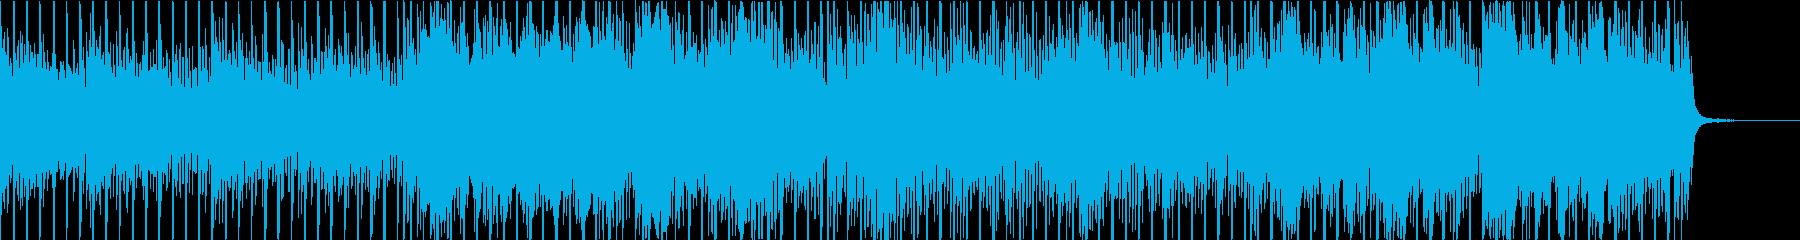 シンセウェーブ、近未来的、サイバーパンクの再生済みの波形